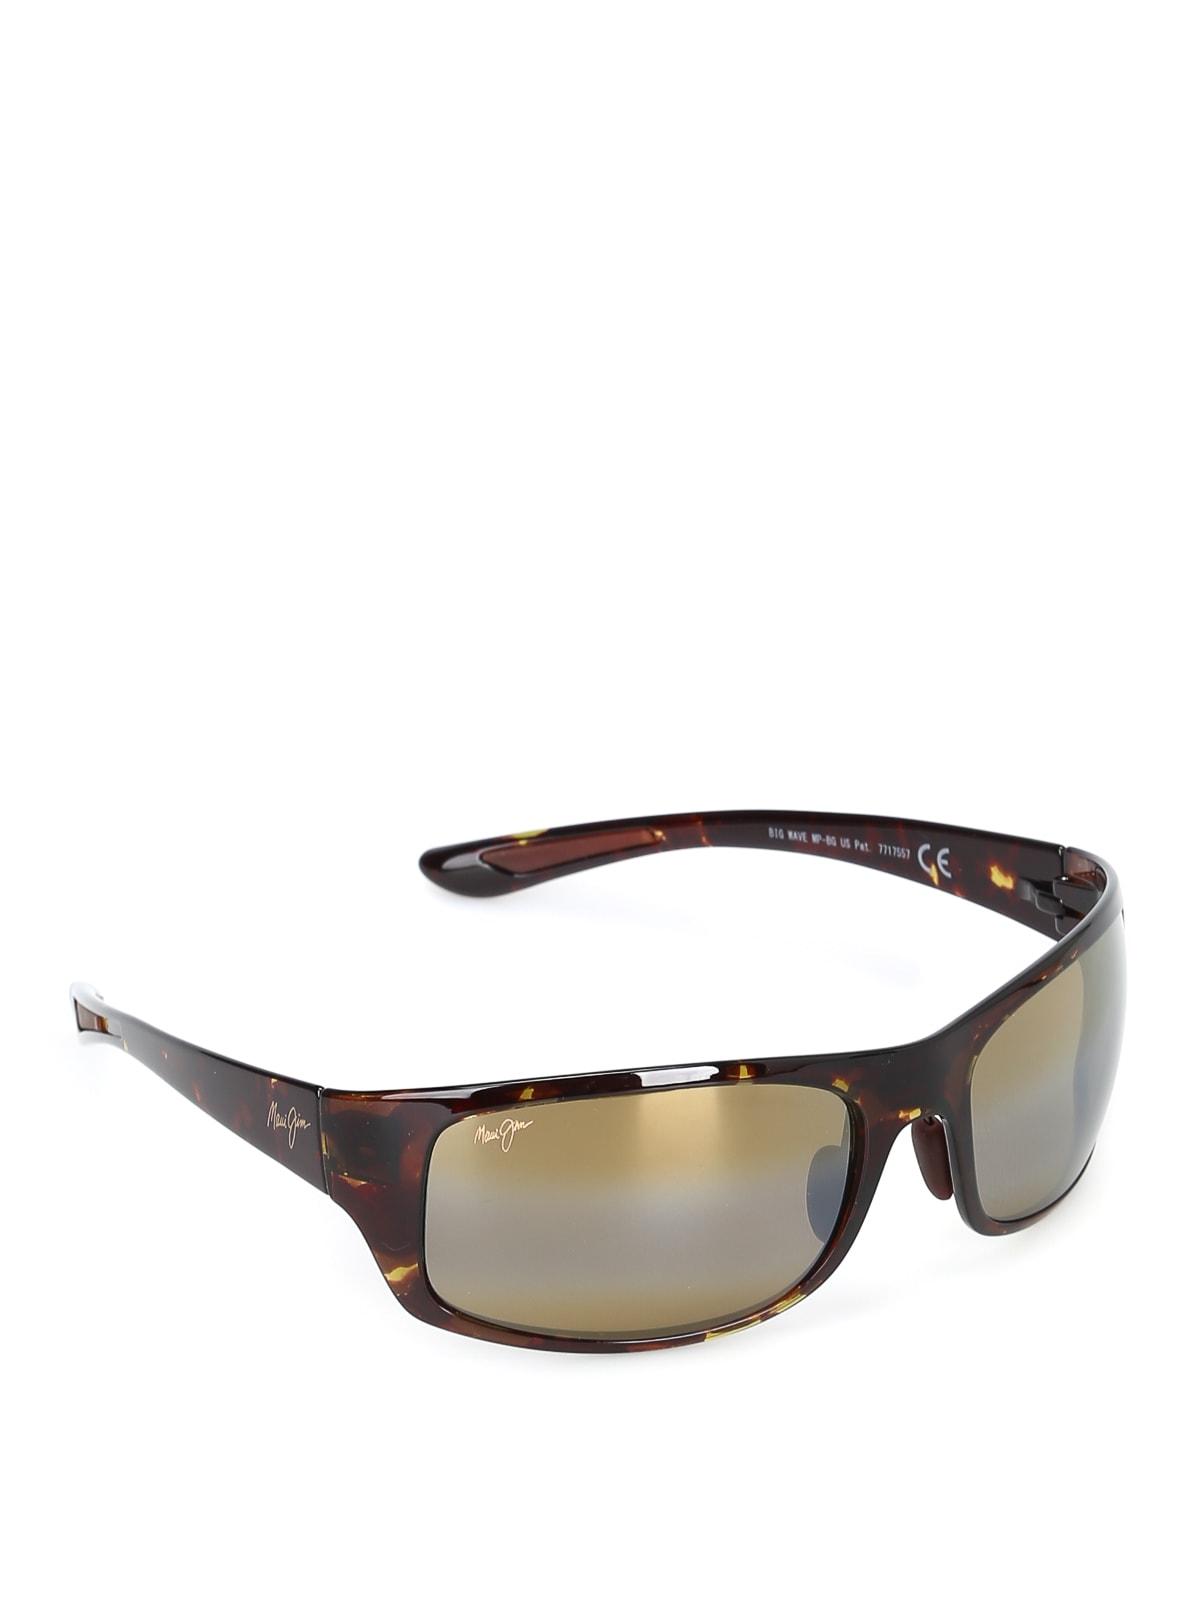 Maui Jim H440/15T Sunglasses